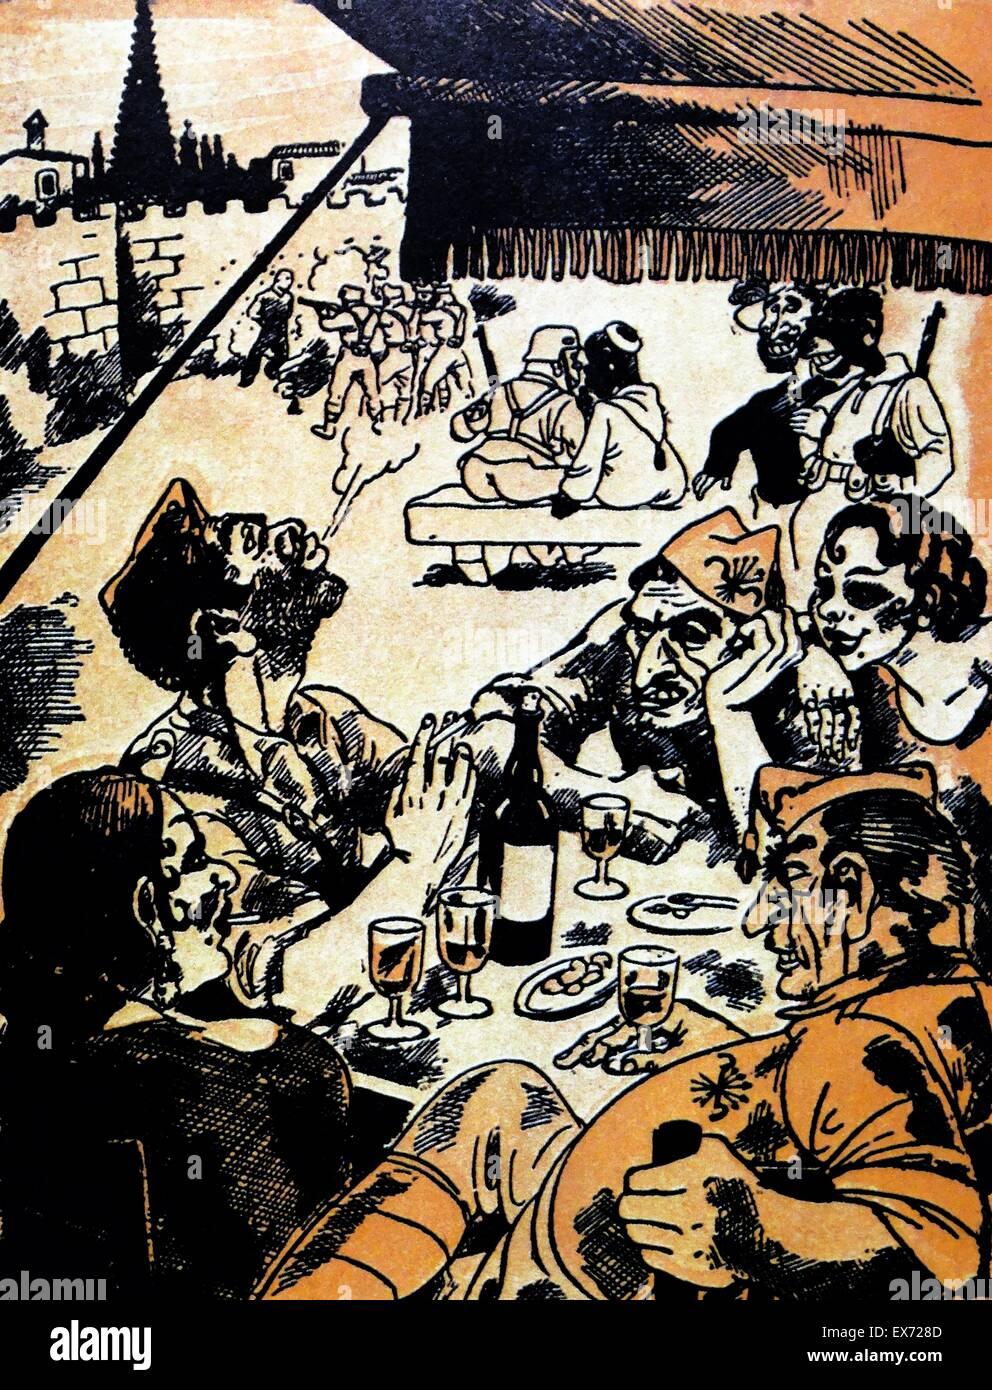 Caricatura satírica republicano representando una ejecución sumaria y relajado grupo de nacionalistas Imagen De Stock